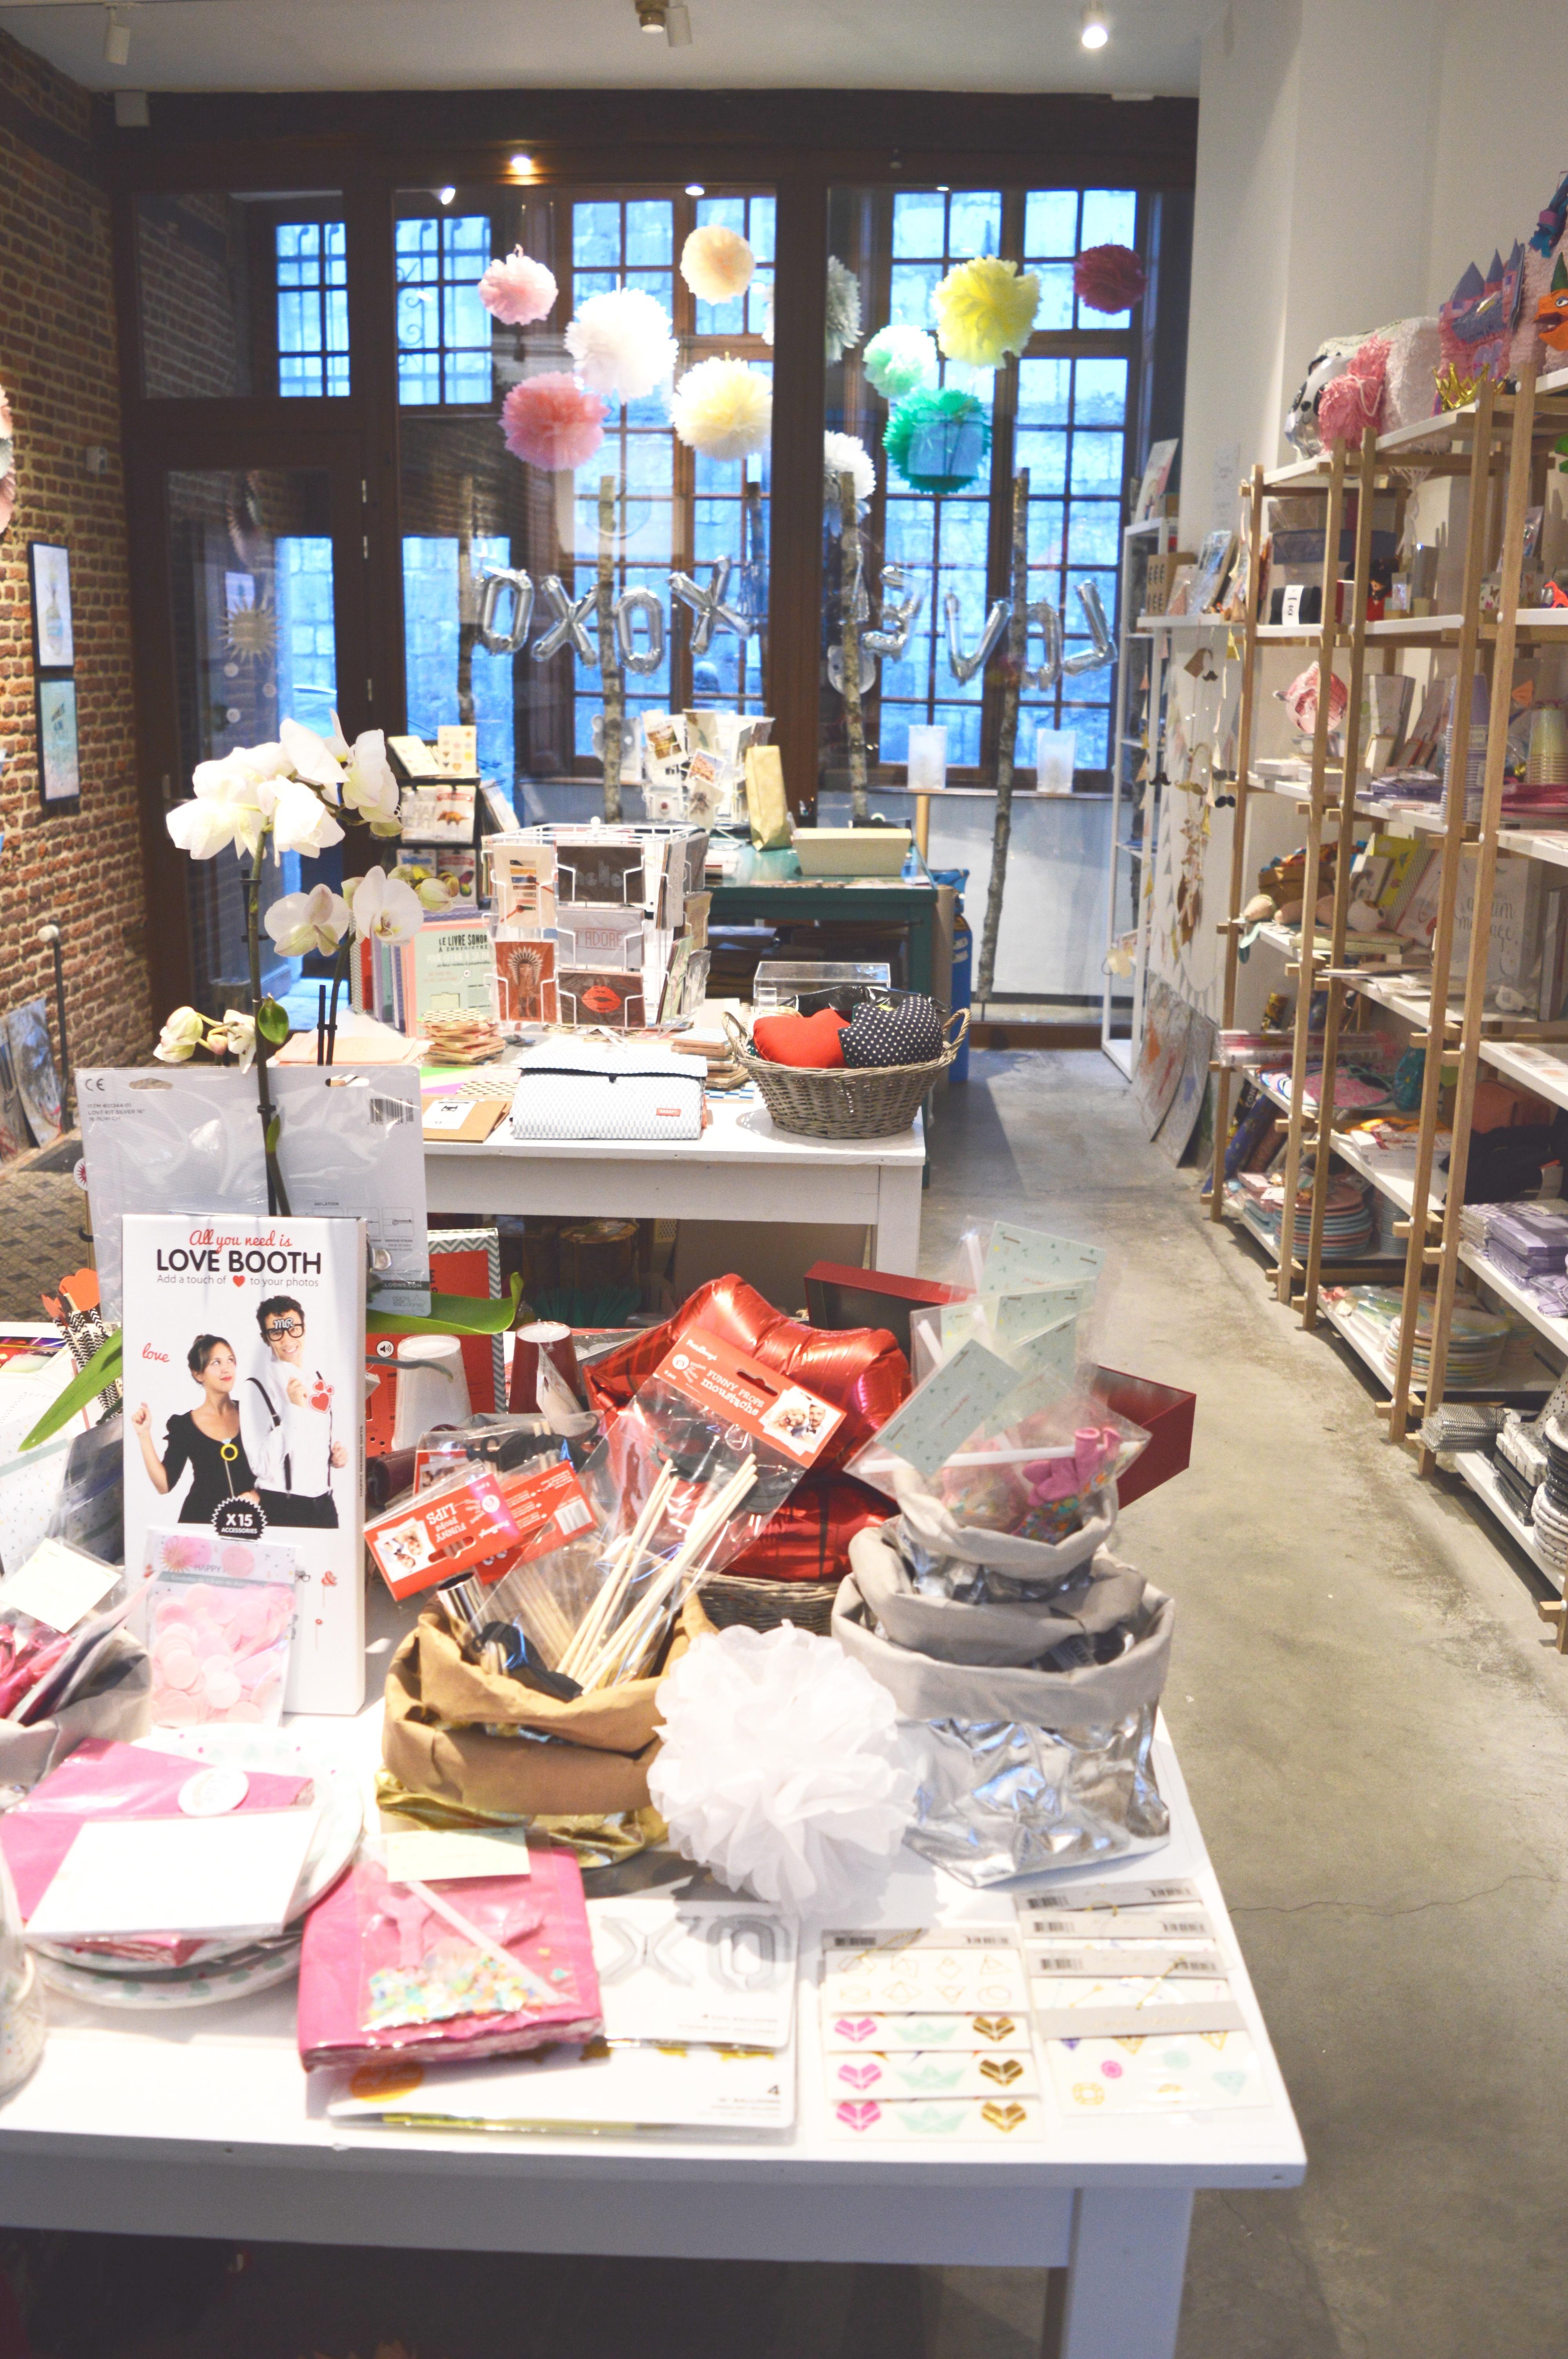 boutique, concept store, Liège, belgique, belgium, wallonie, magasin, décoration fanion, fête, party, soirée, anniversaire, pinata, pignata, assiettes cartons, balons, table, evjf, graphisme, cartes